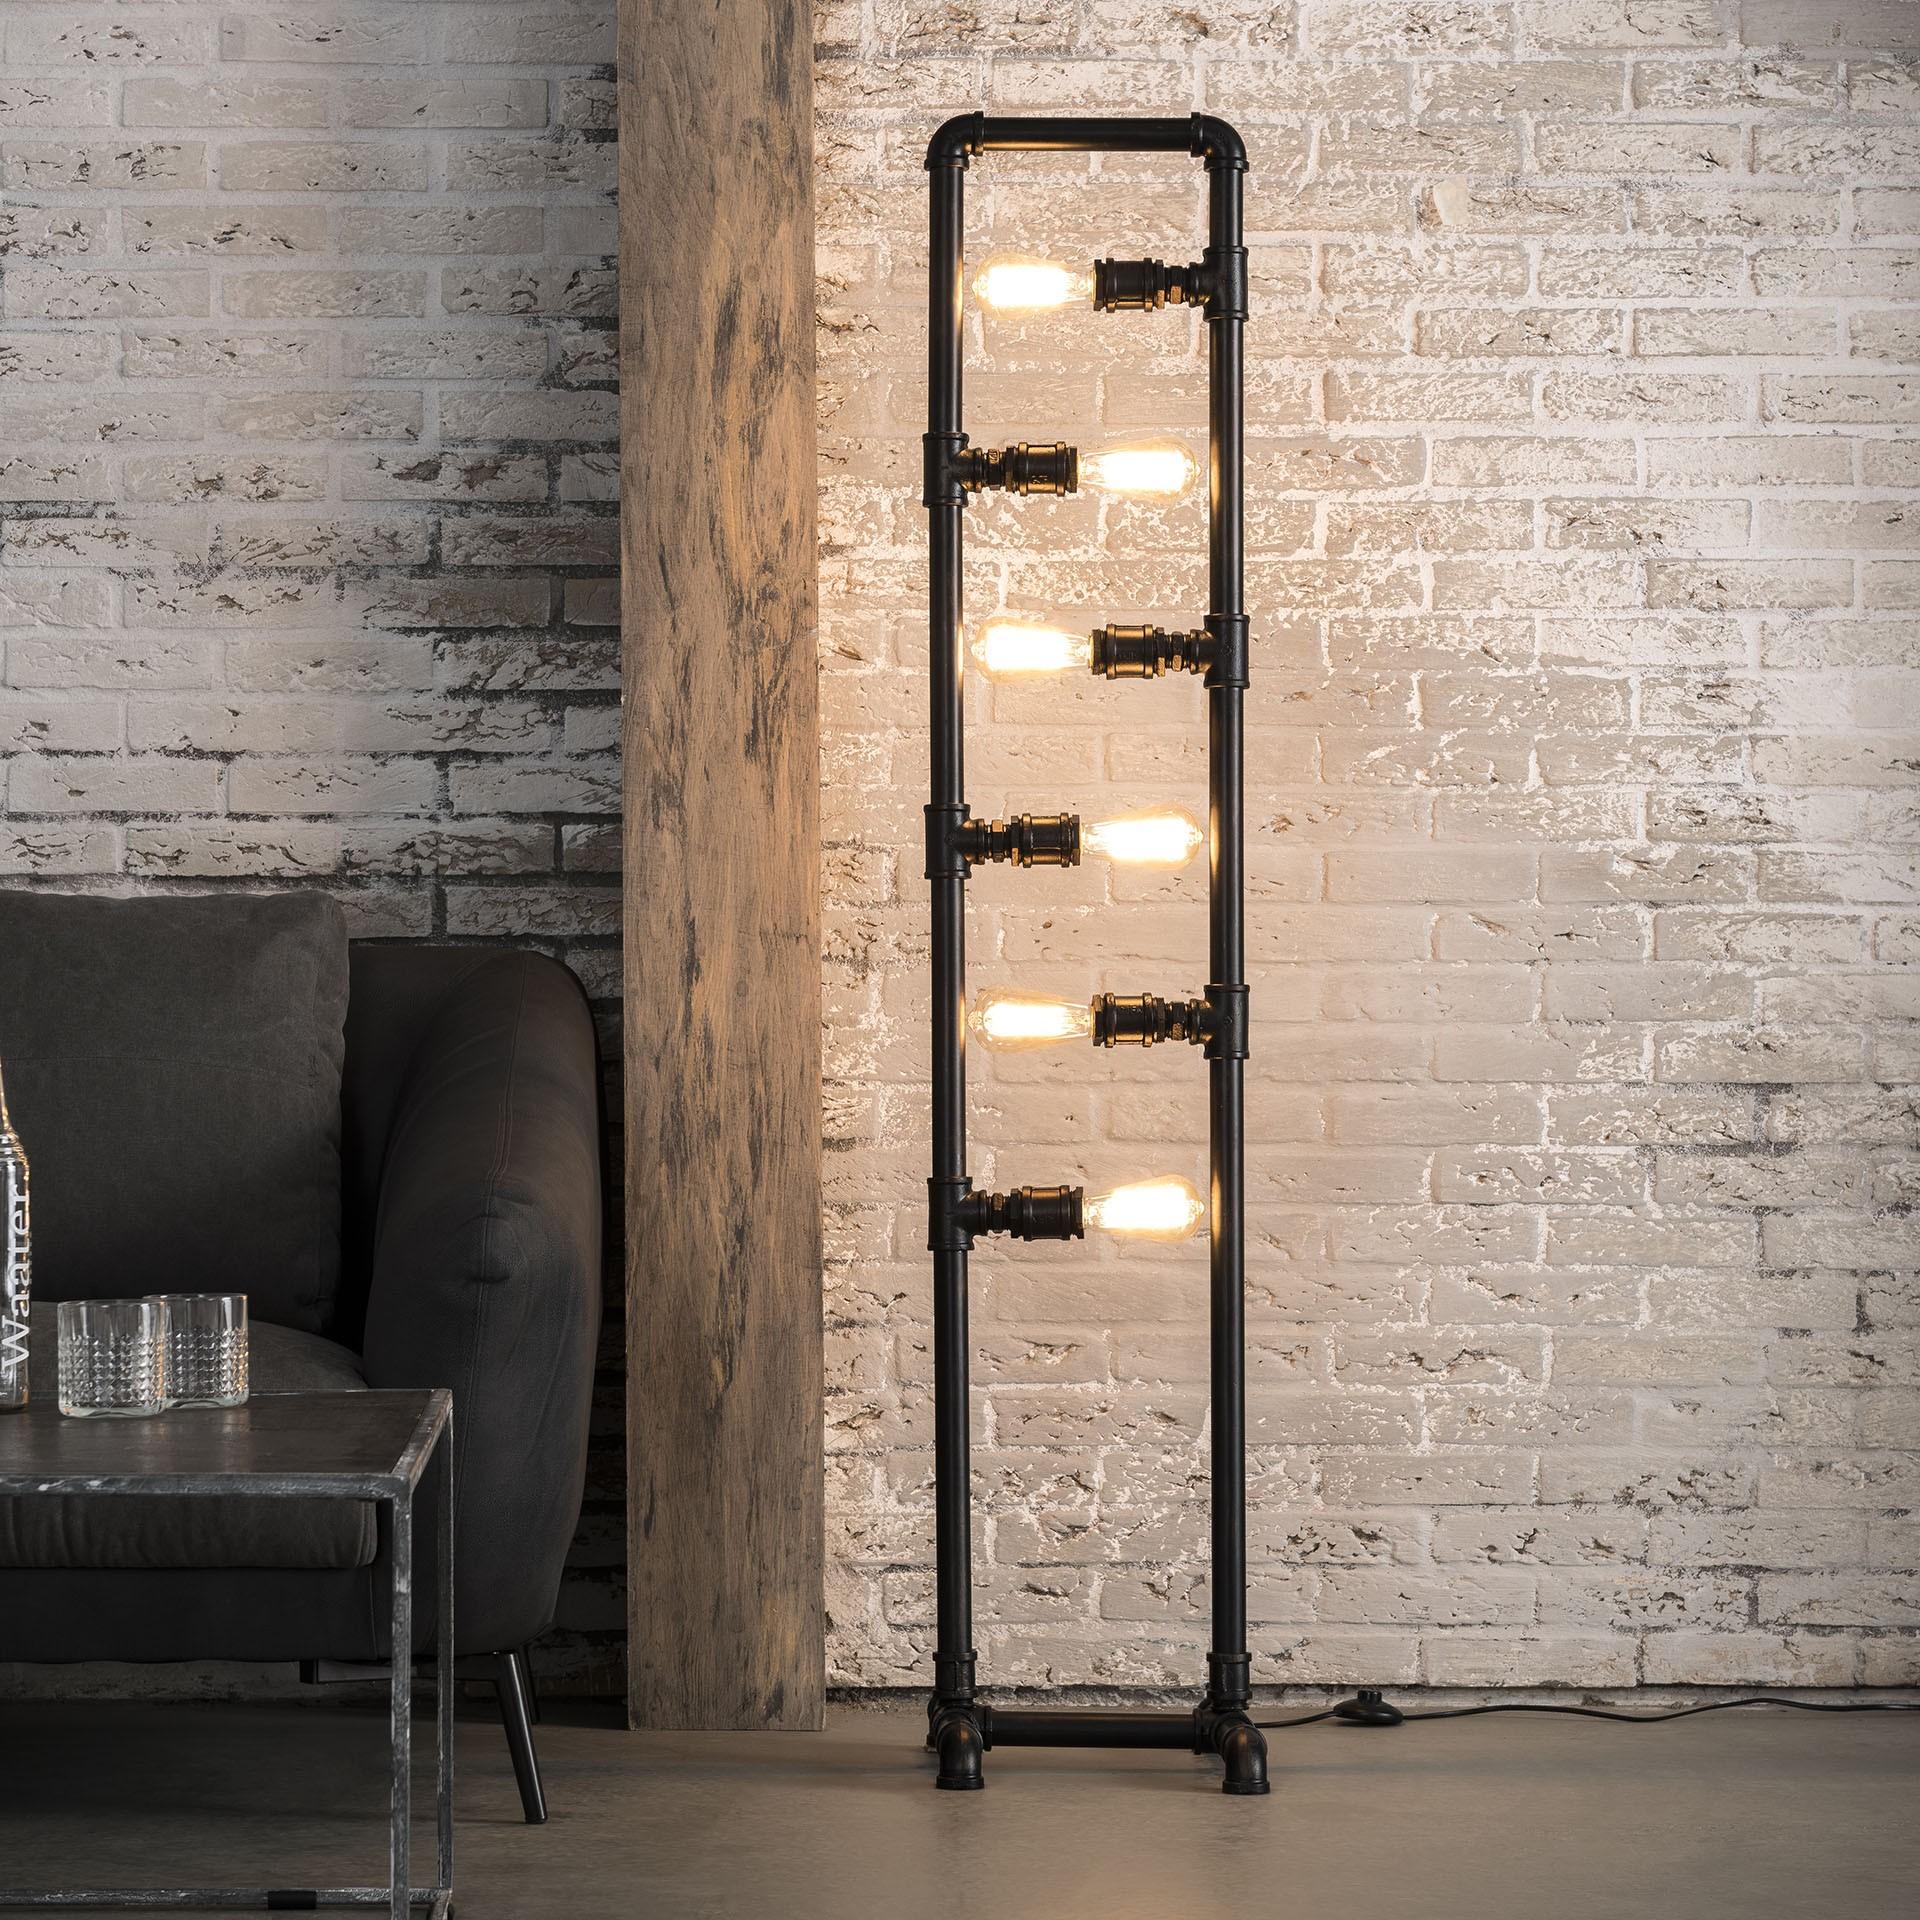 Stehlampe Industrie Metall schwarz, Stehleuchte Rohr schwarz, Höhe 160 cm